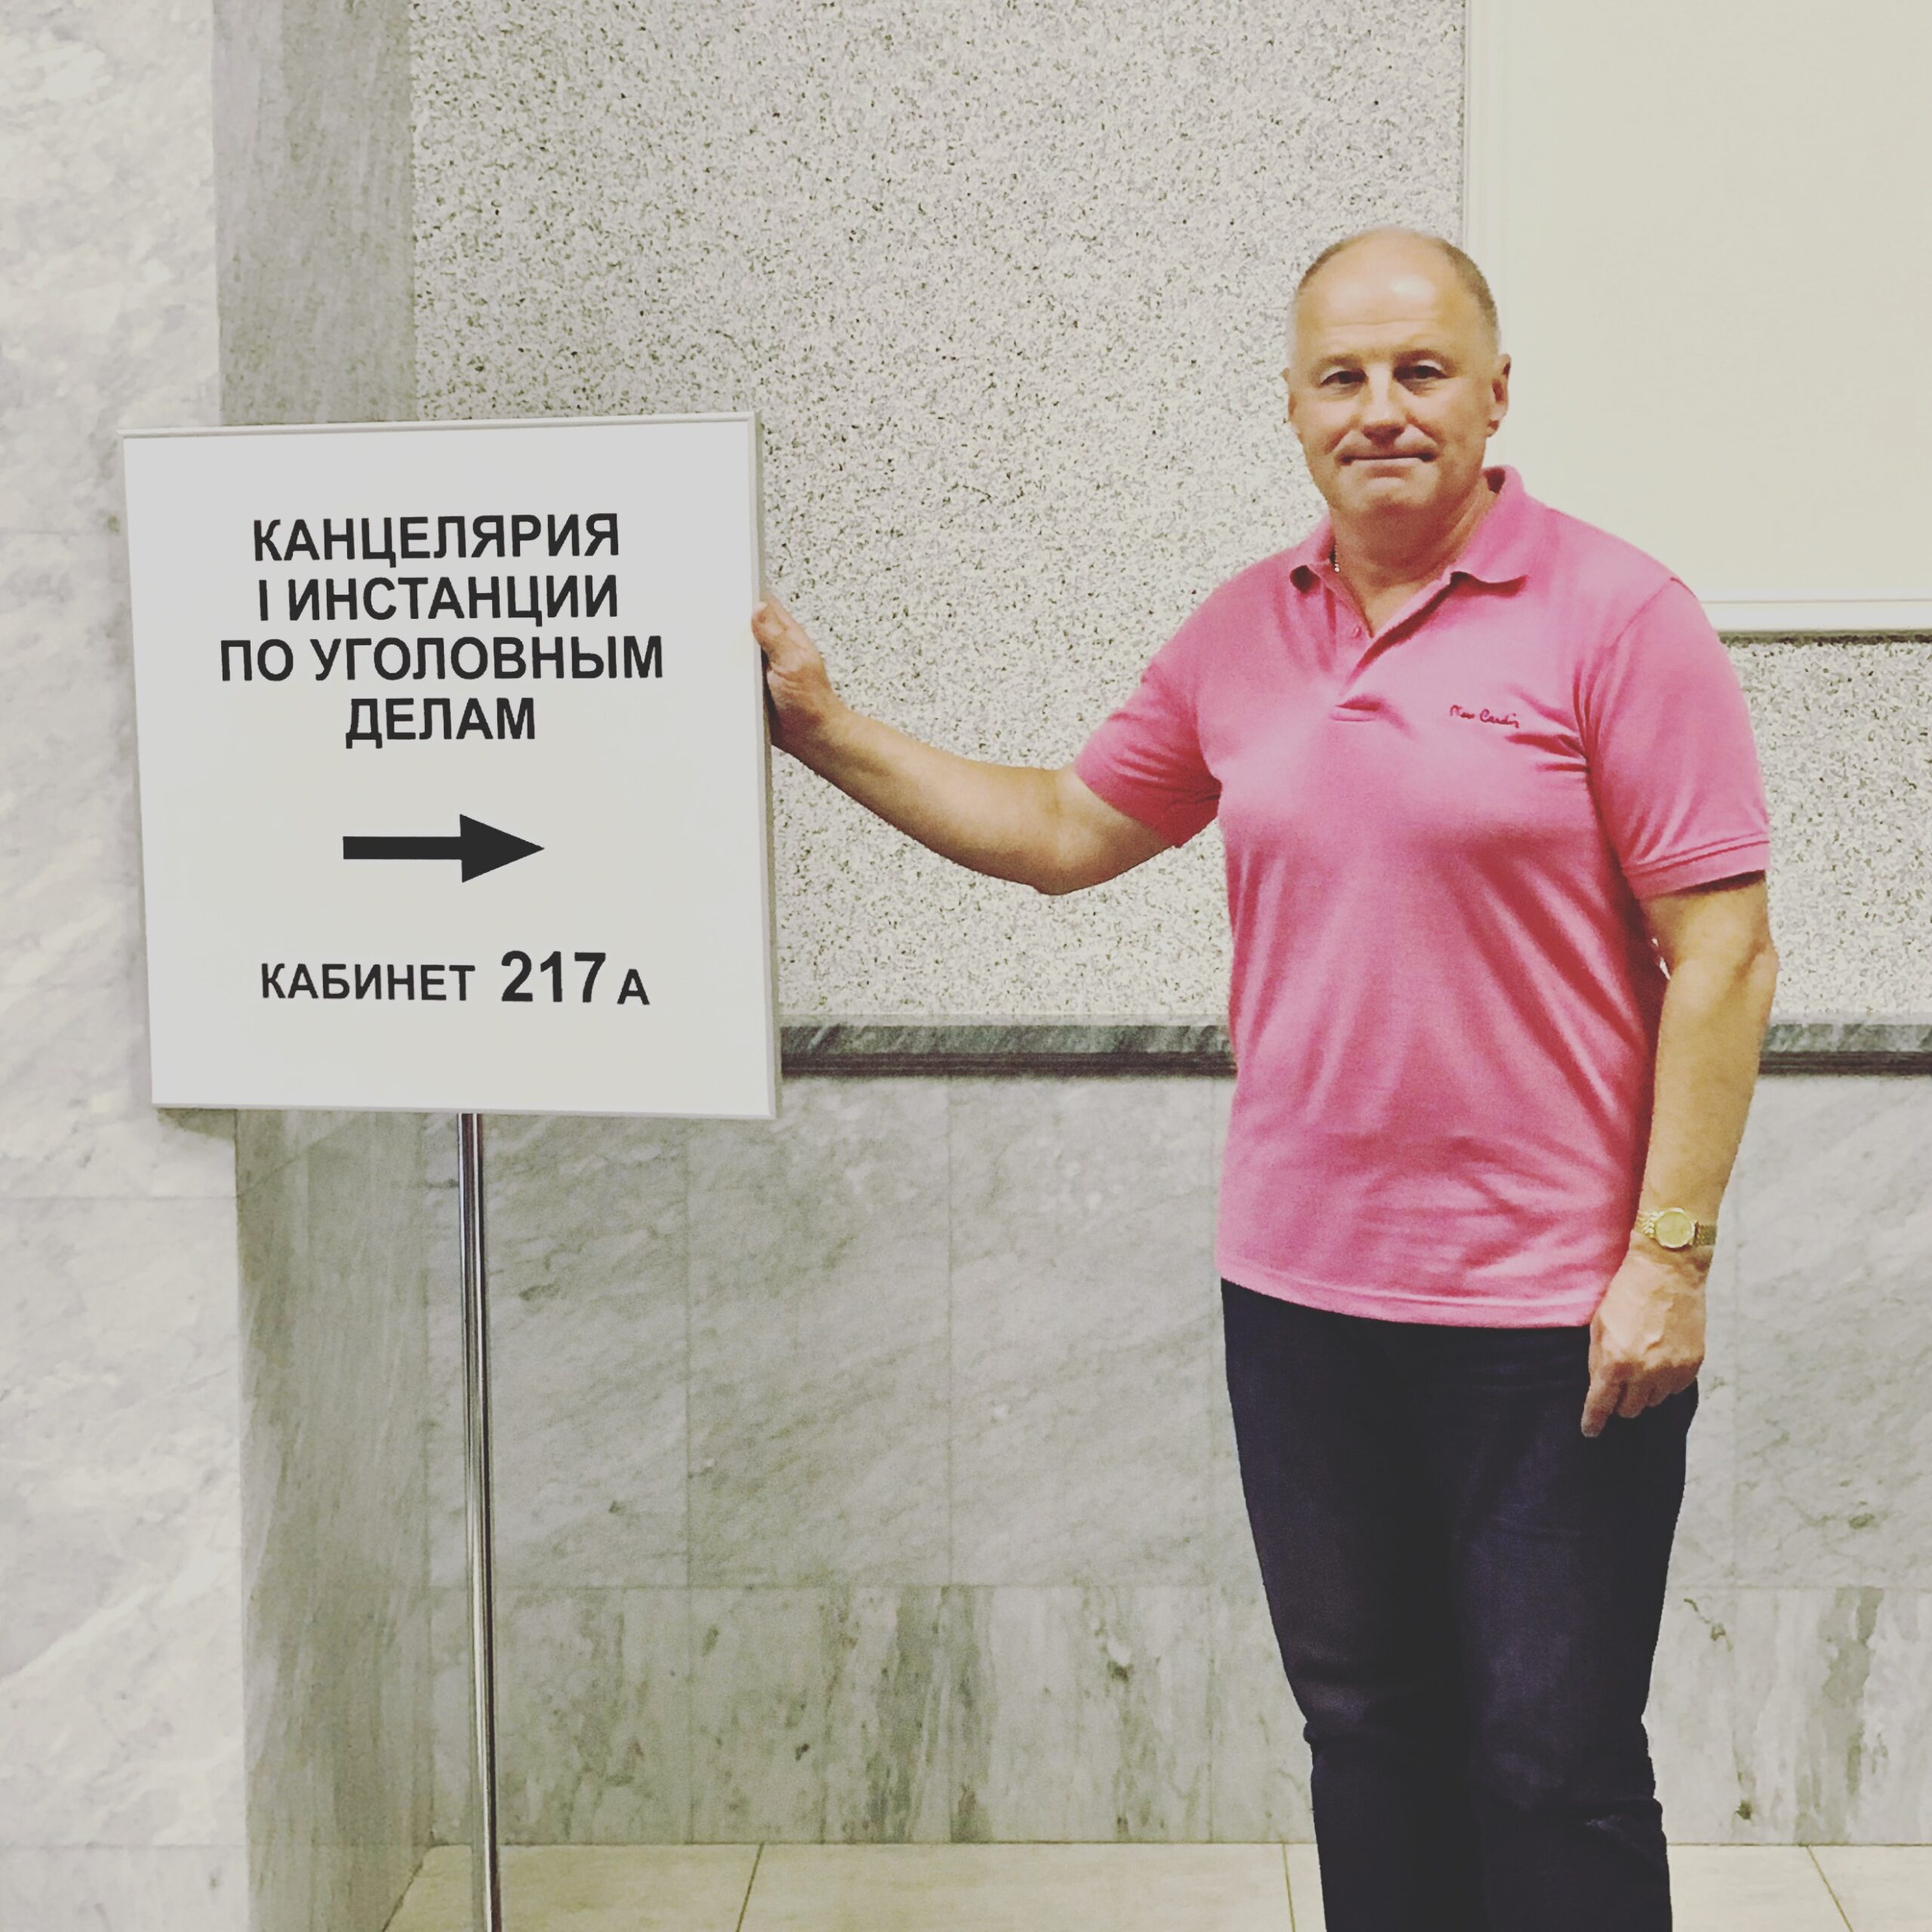 Активная неделя адвоката: поездки в тюрьму Ирбита, колонии ИК-5 Нижнего Тагила, ИК-10 Екатеринбург. Жизнь, продолжается!